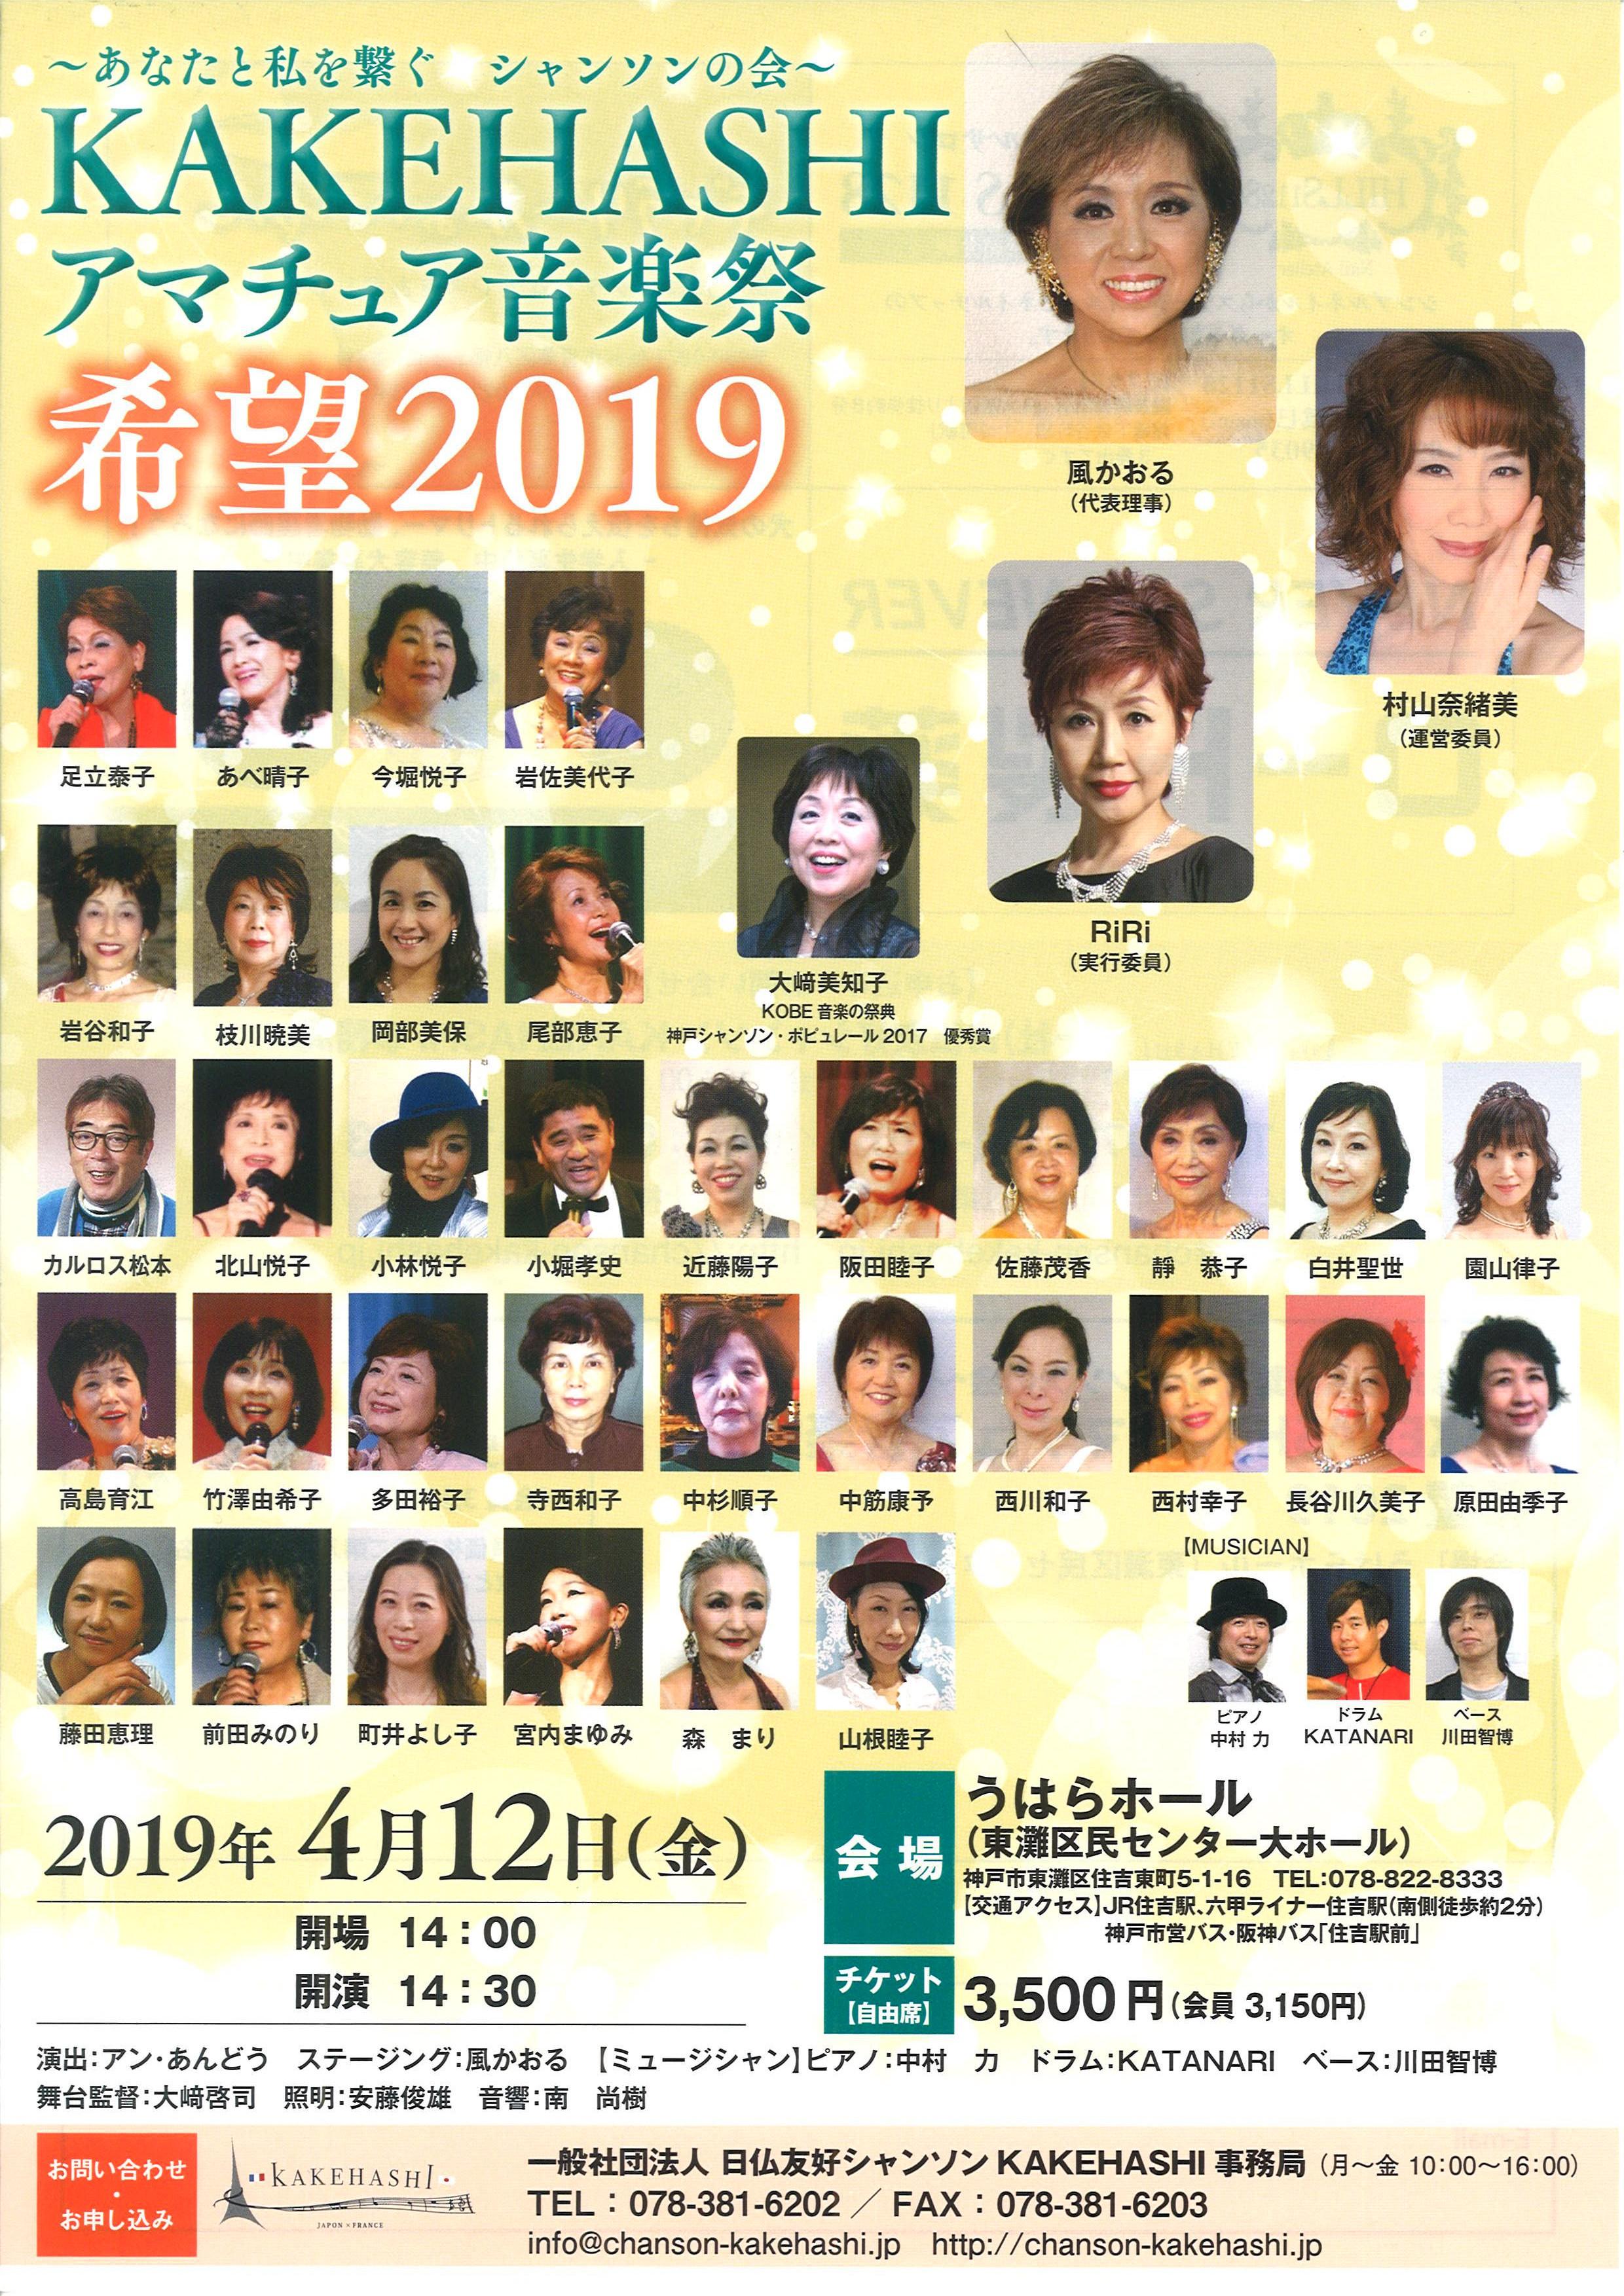 KAKEHASHIアマチュア音楽祭 希望2019